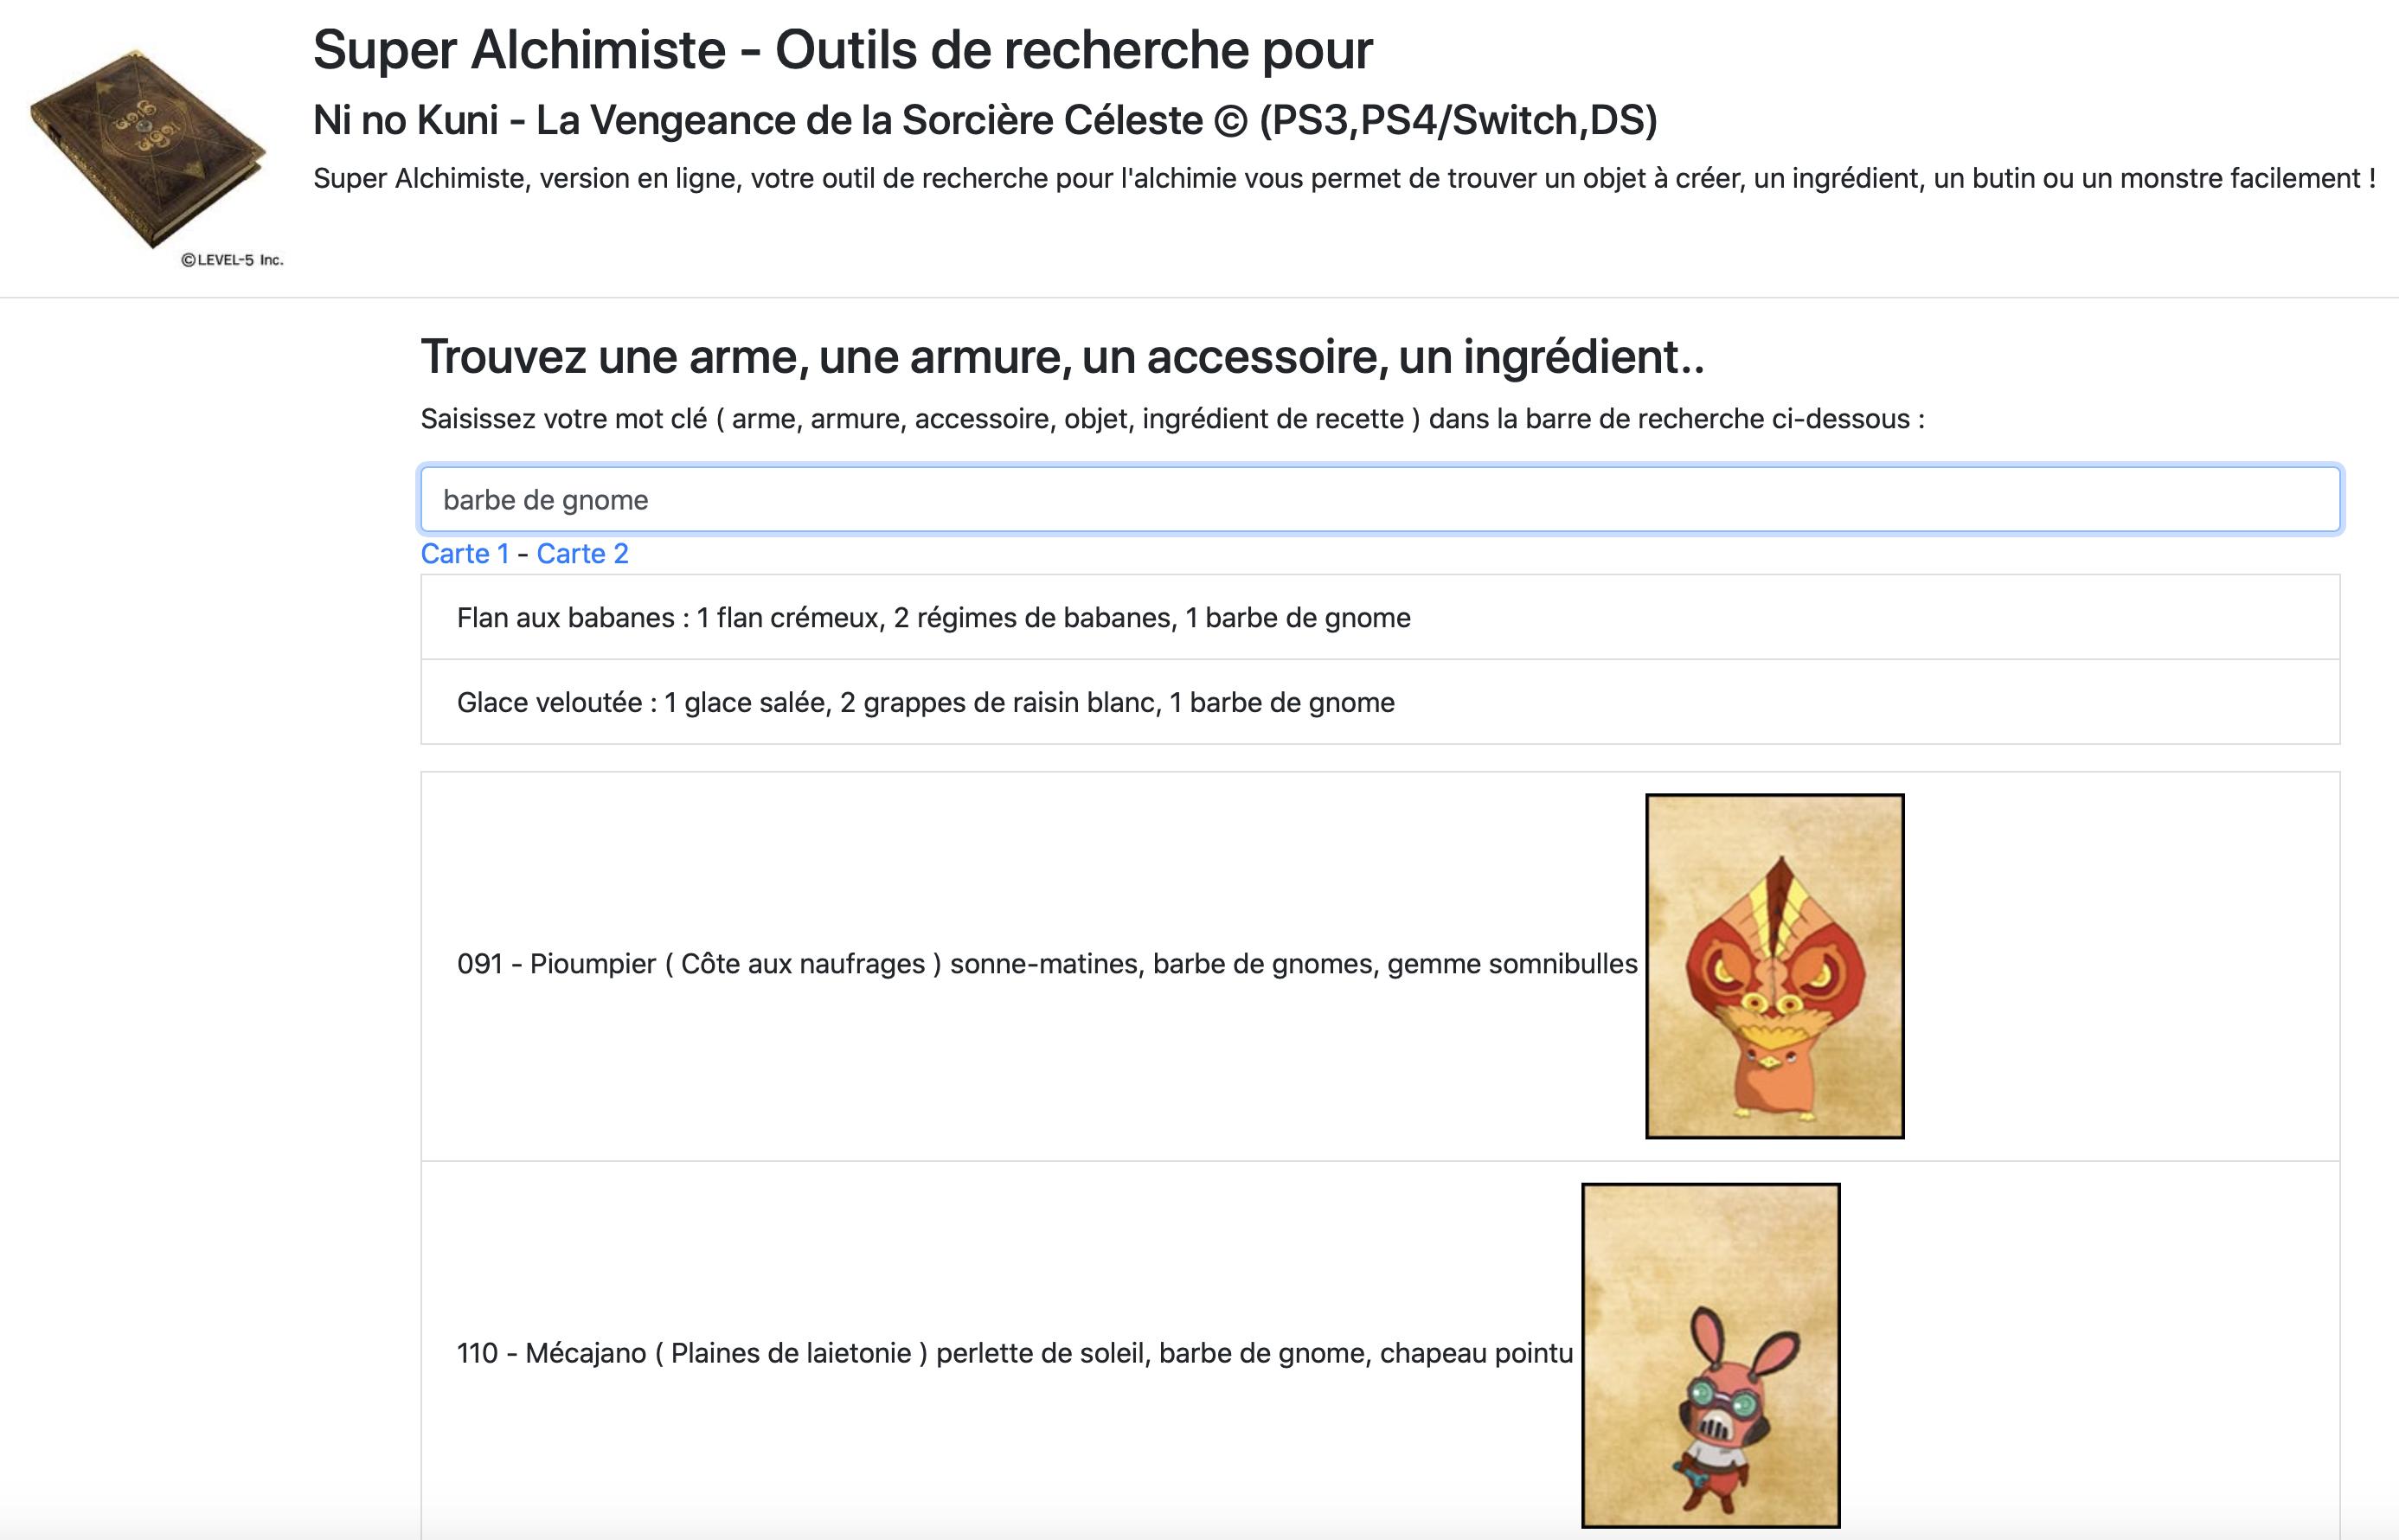 ShadowsLabs : outils en jeux vidéo, super alchimiste pour ni no kuni